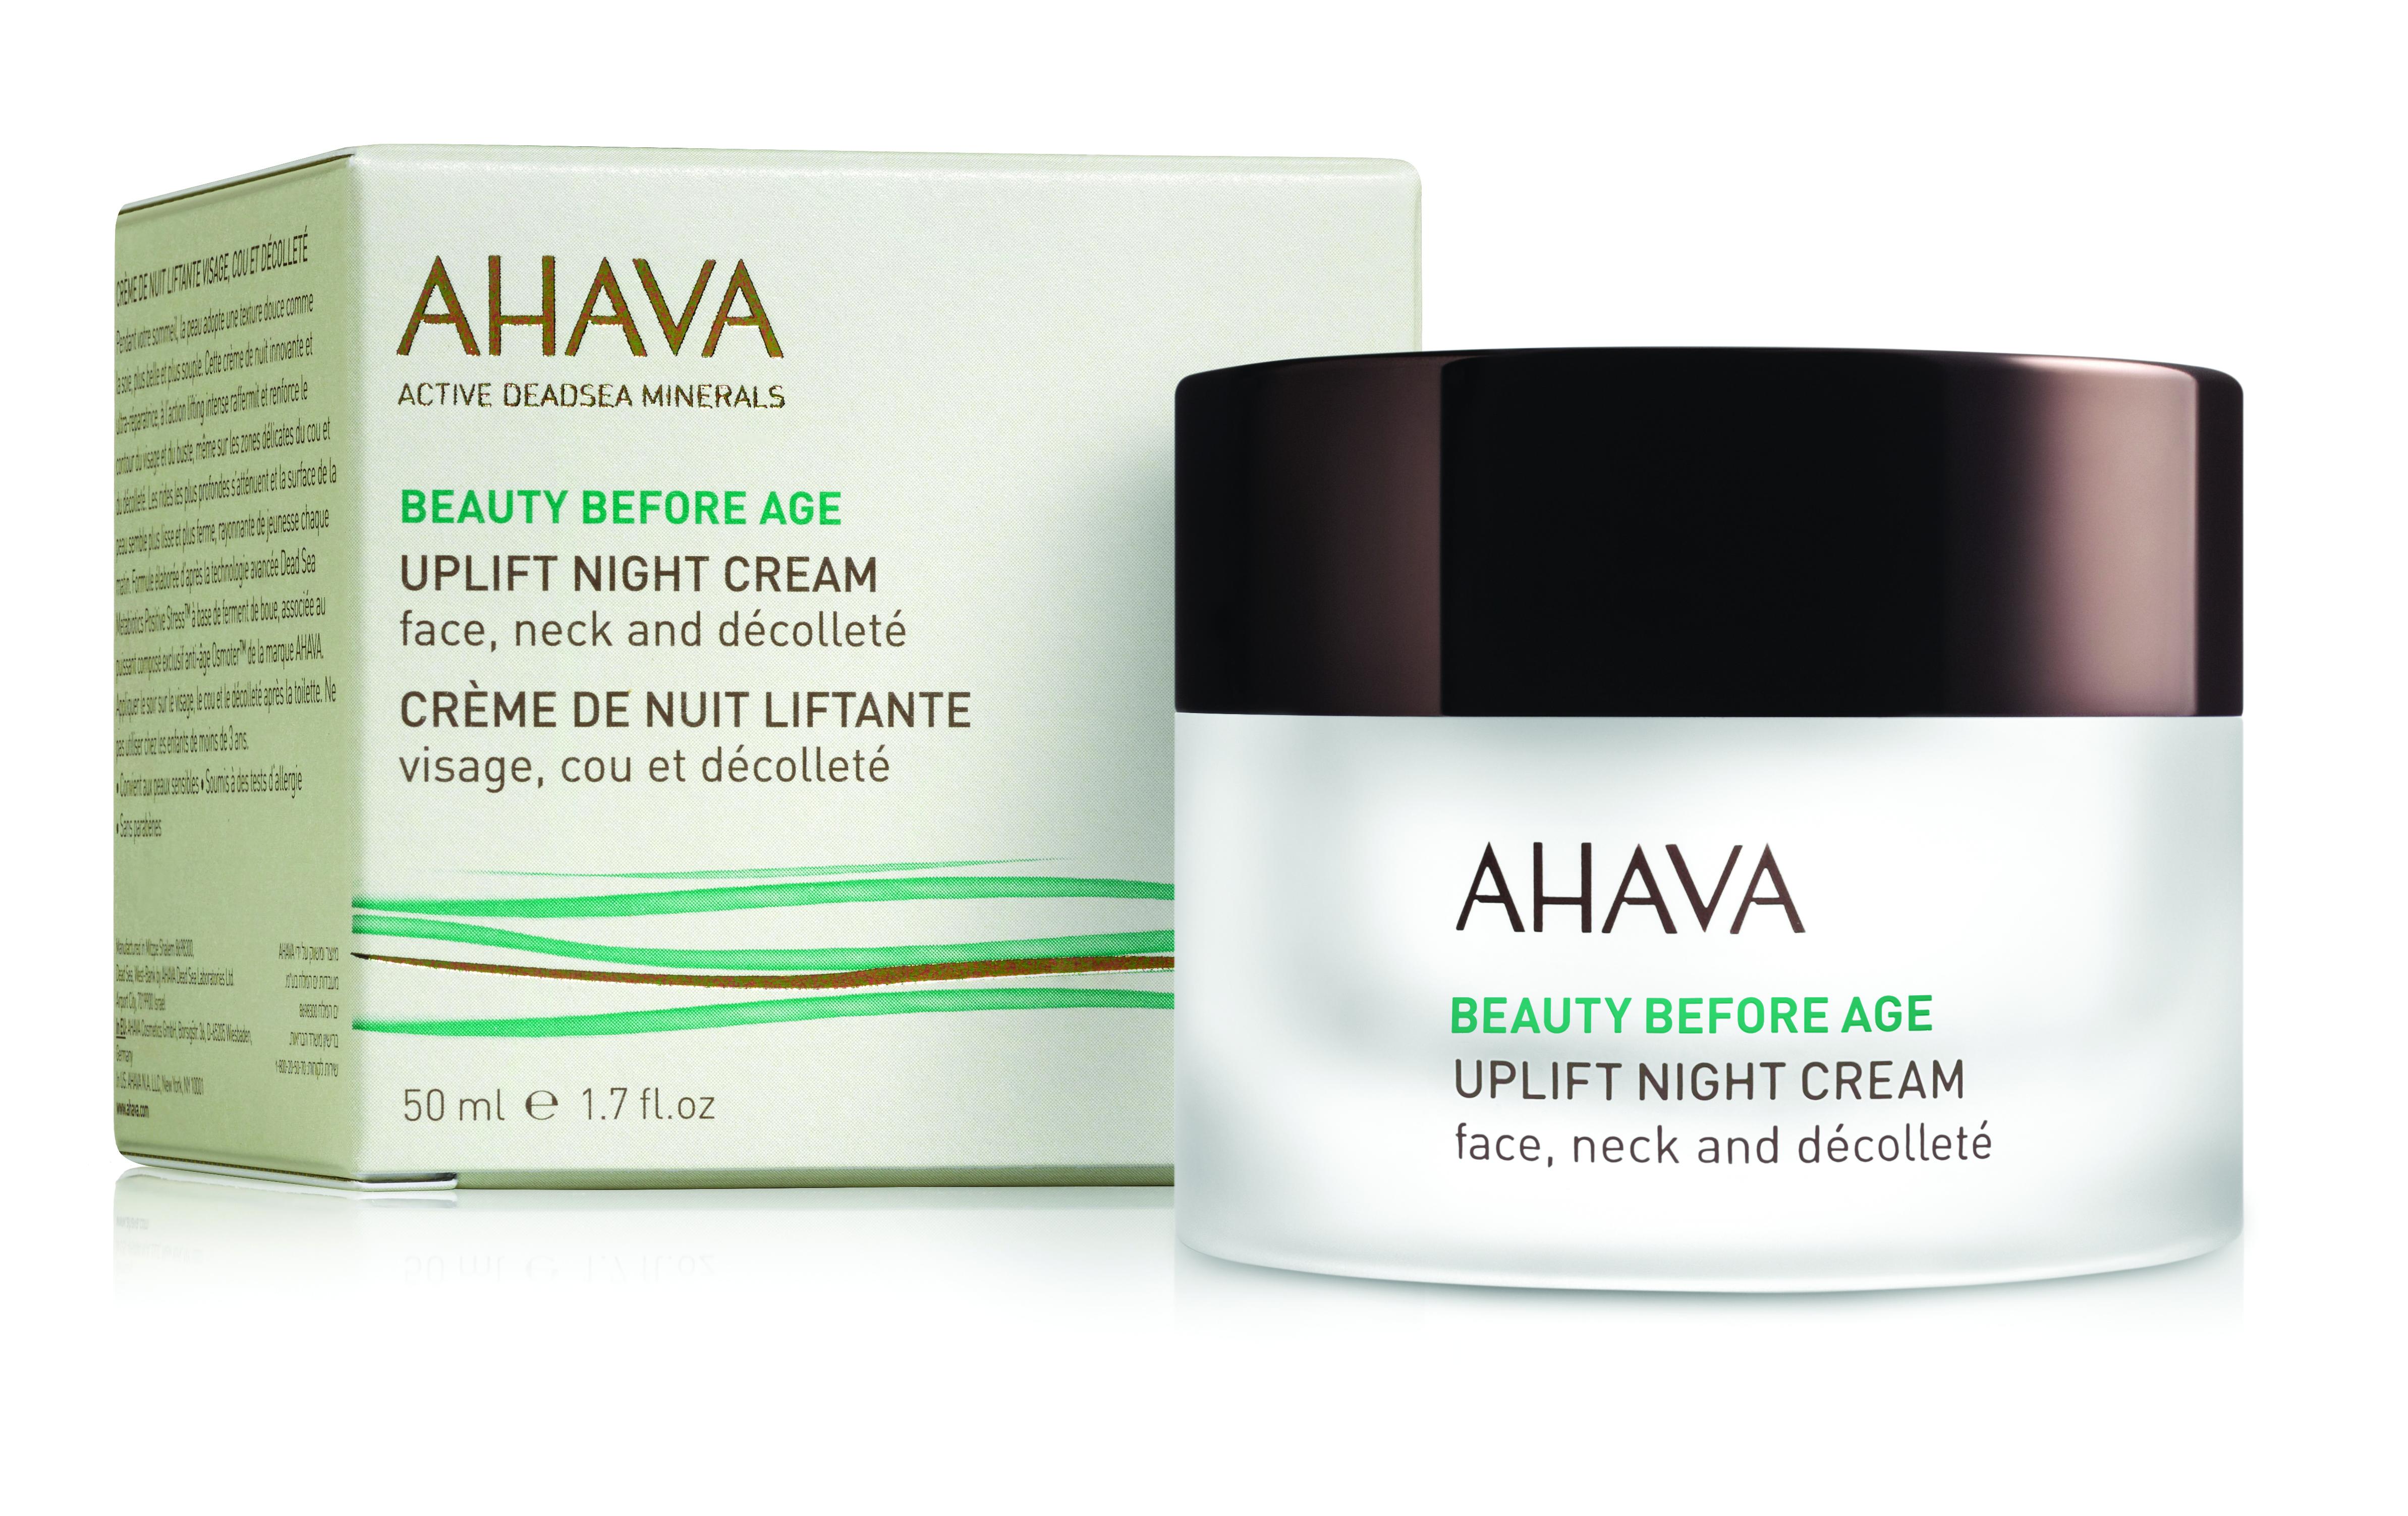 AHAVA Крем ночной для подтяжки кожи лица, шеи и зоны декольте / Beauty Before Age 50 мл